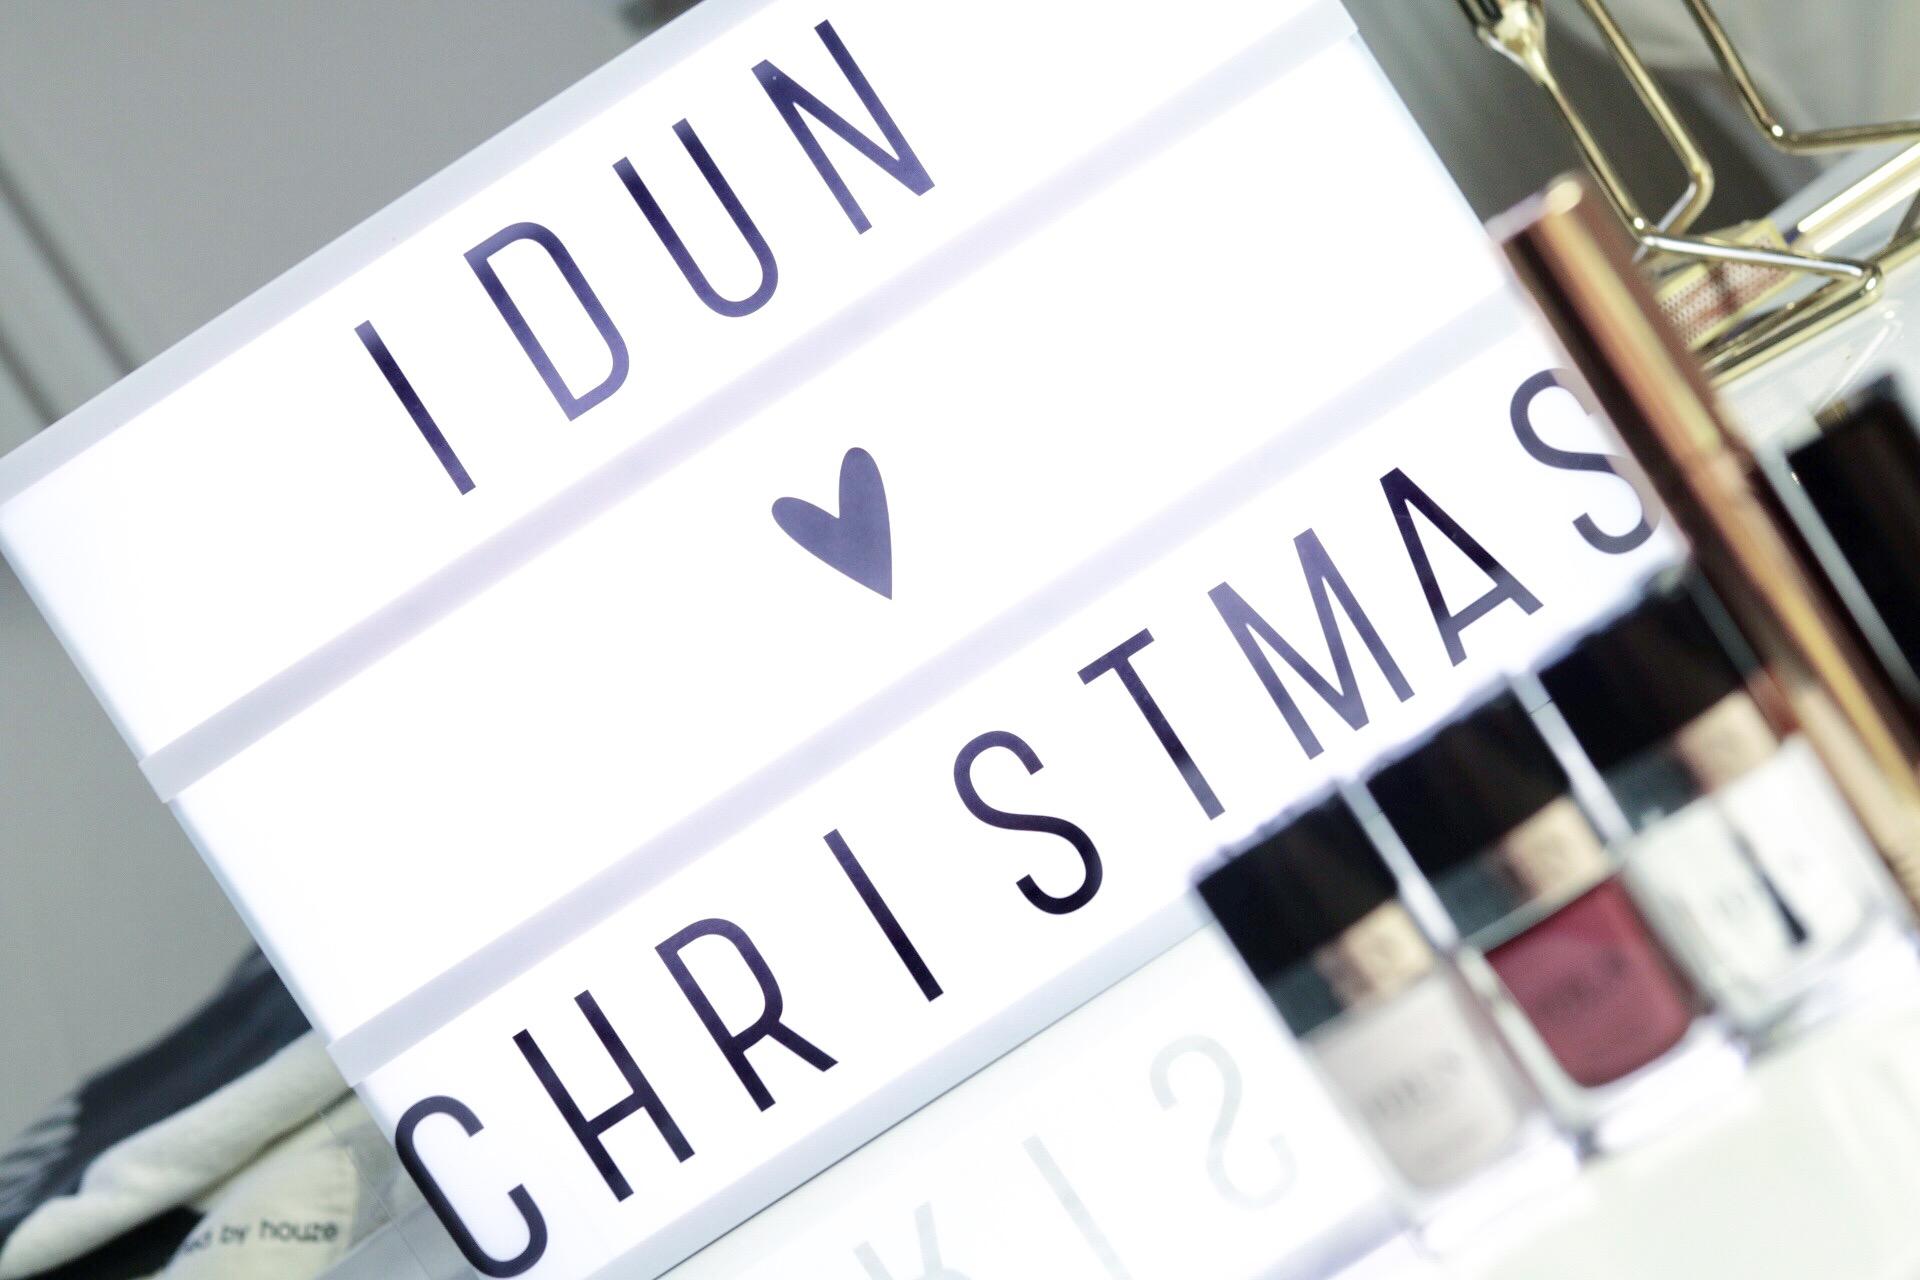 Julklappar för den skönhetsintresserade, tips, amandahans, skönhetsblogg, skönhetsbloggare, pressutskick, idun, idun minerals, mineralsmink, nagellack, julklappar, julklapp